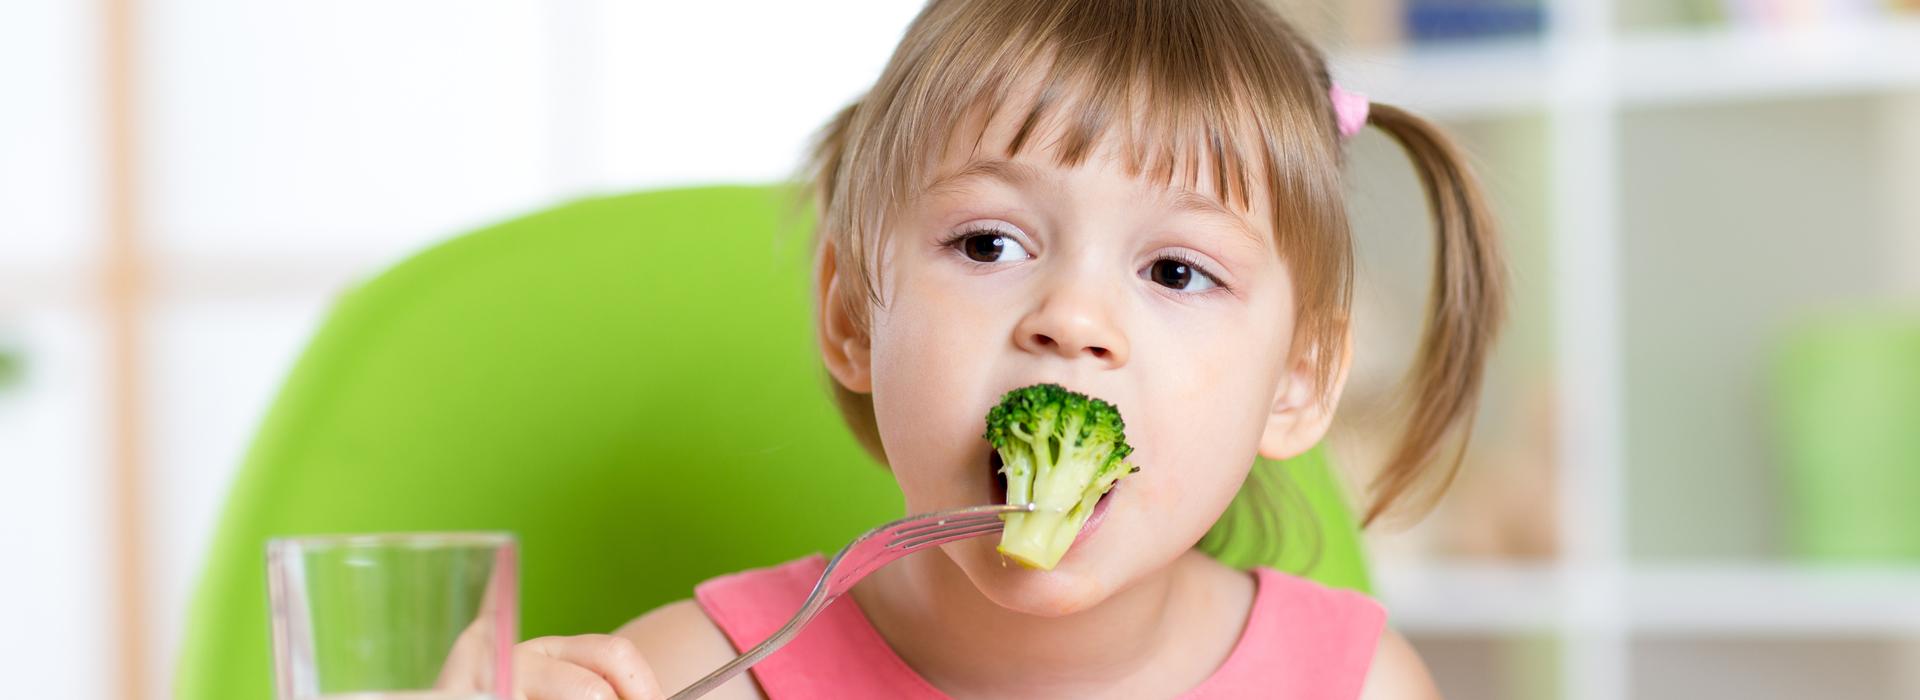 「你偷偷吃,不要跟媽媽講」 教養不同調 讓孩子陷入大人之間選邊站的困境...